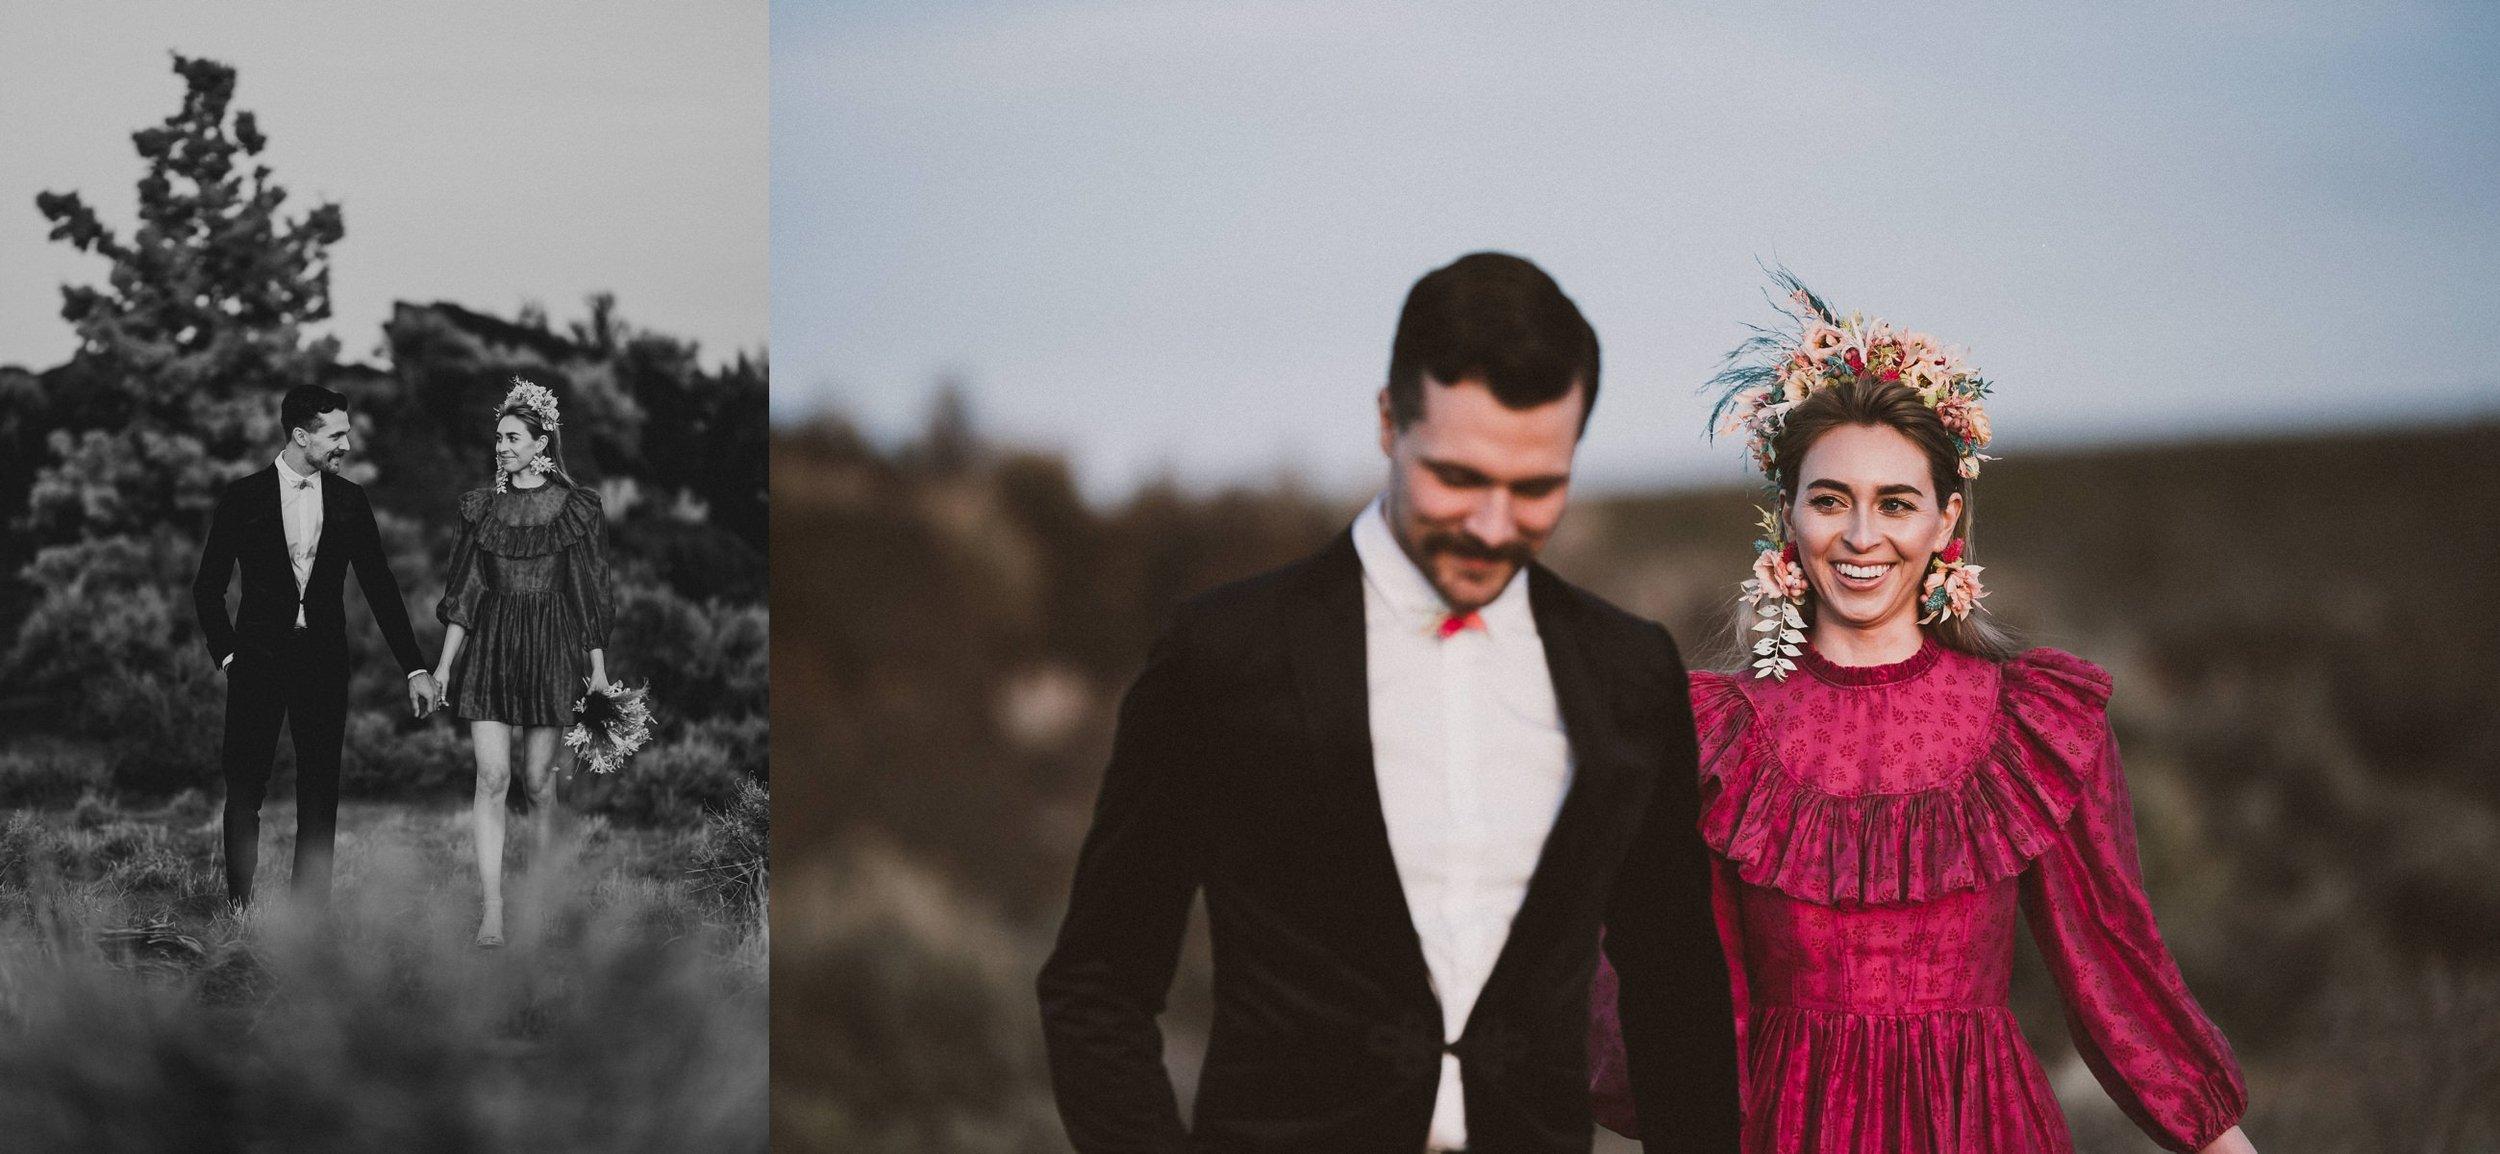 TONY-GAMBINO-PHOTOGRAPHY-BEND-OREGON-WEDDING-SHOOT_1493.jpg